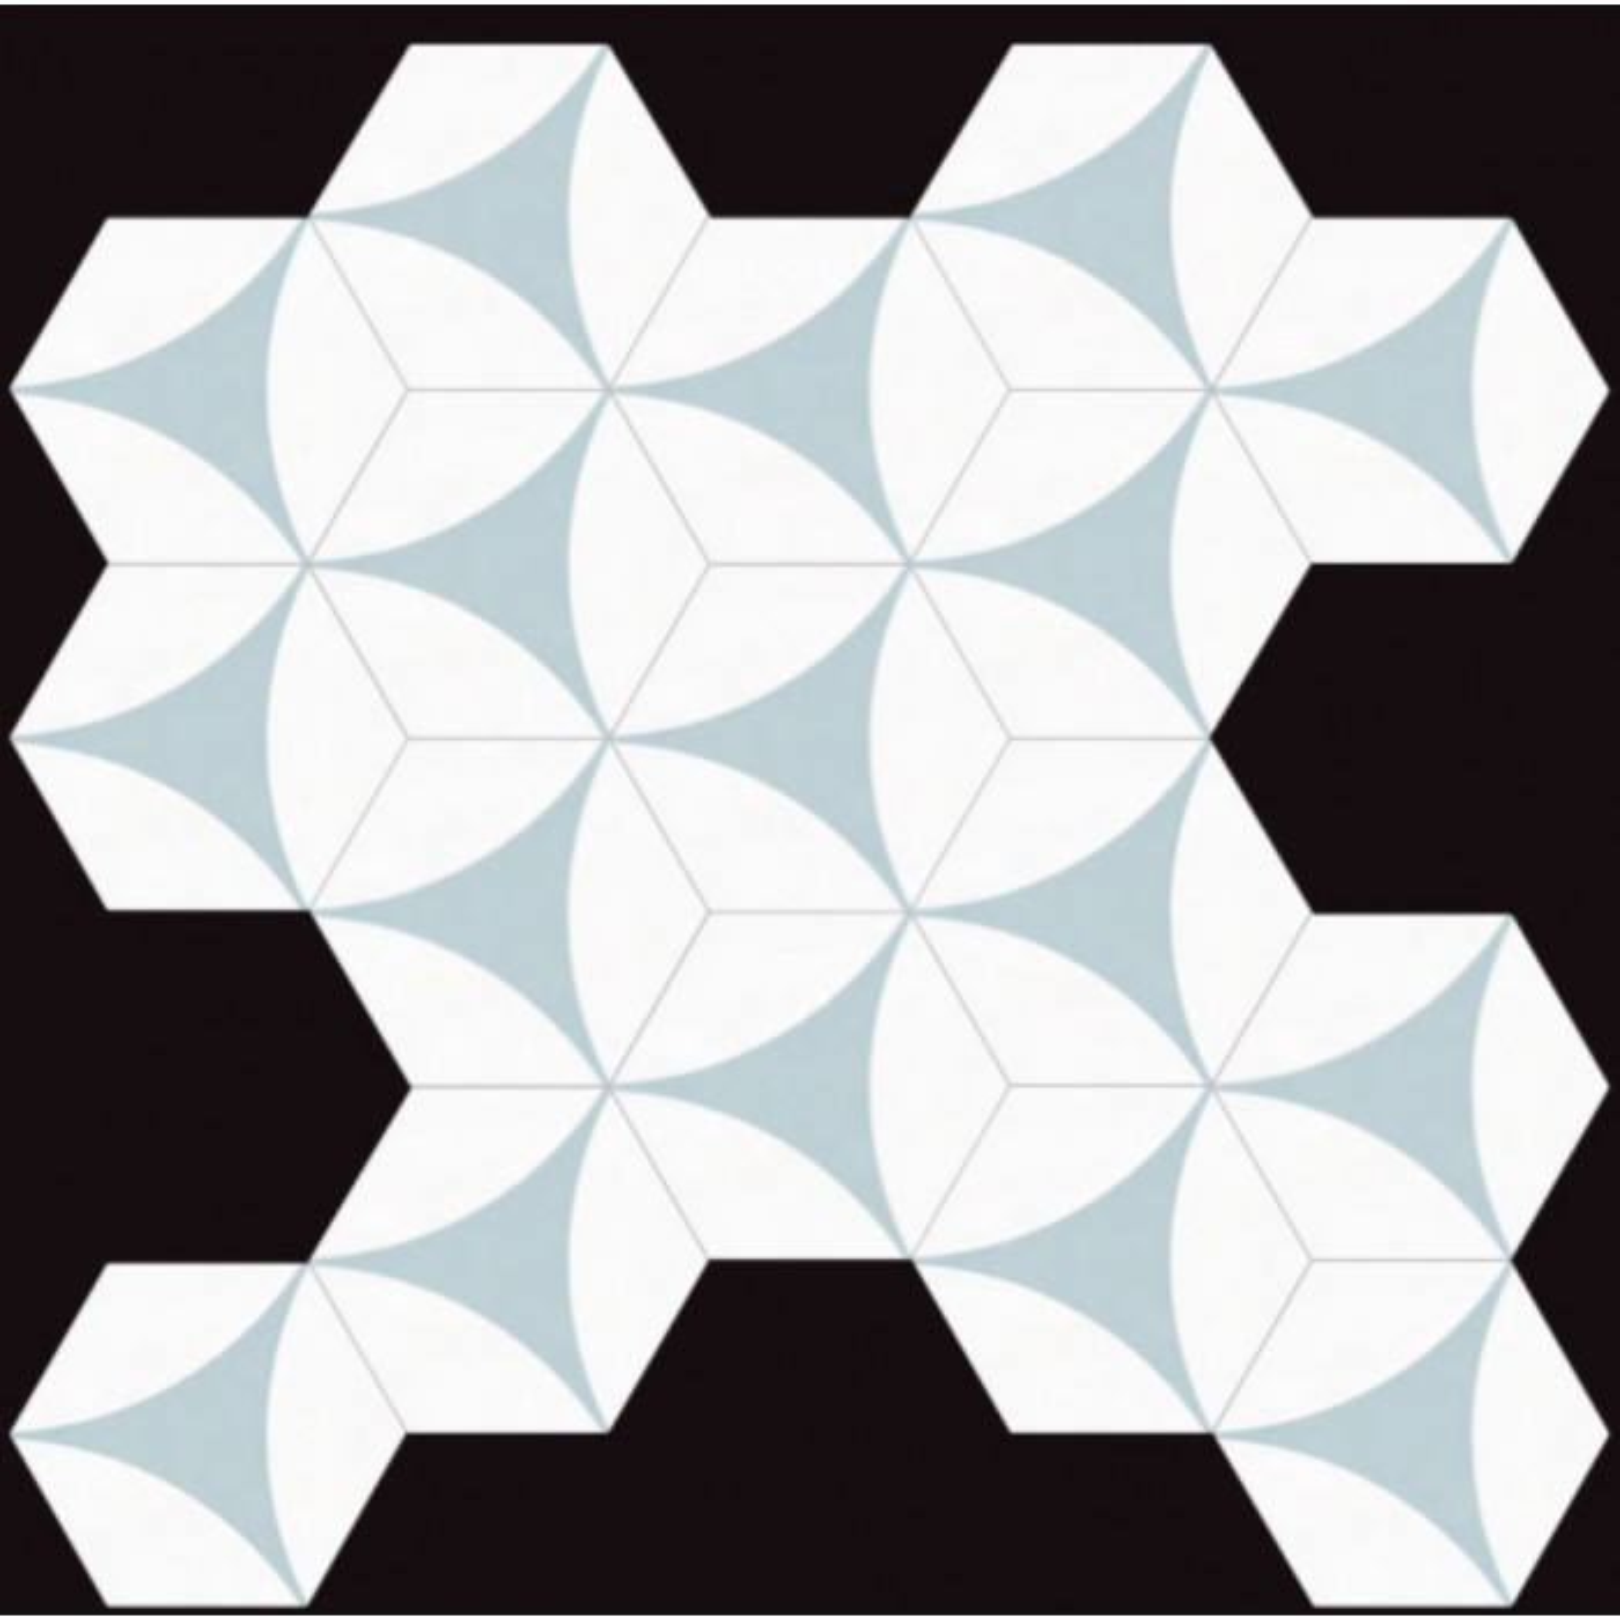 Carrelage grès cérame Hex 25 Porto Venere, hexagone 25x22cm (5 couleurs) - CasaLux Home Design